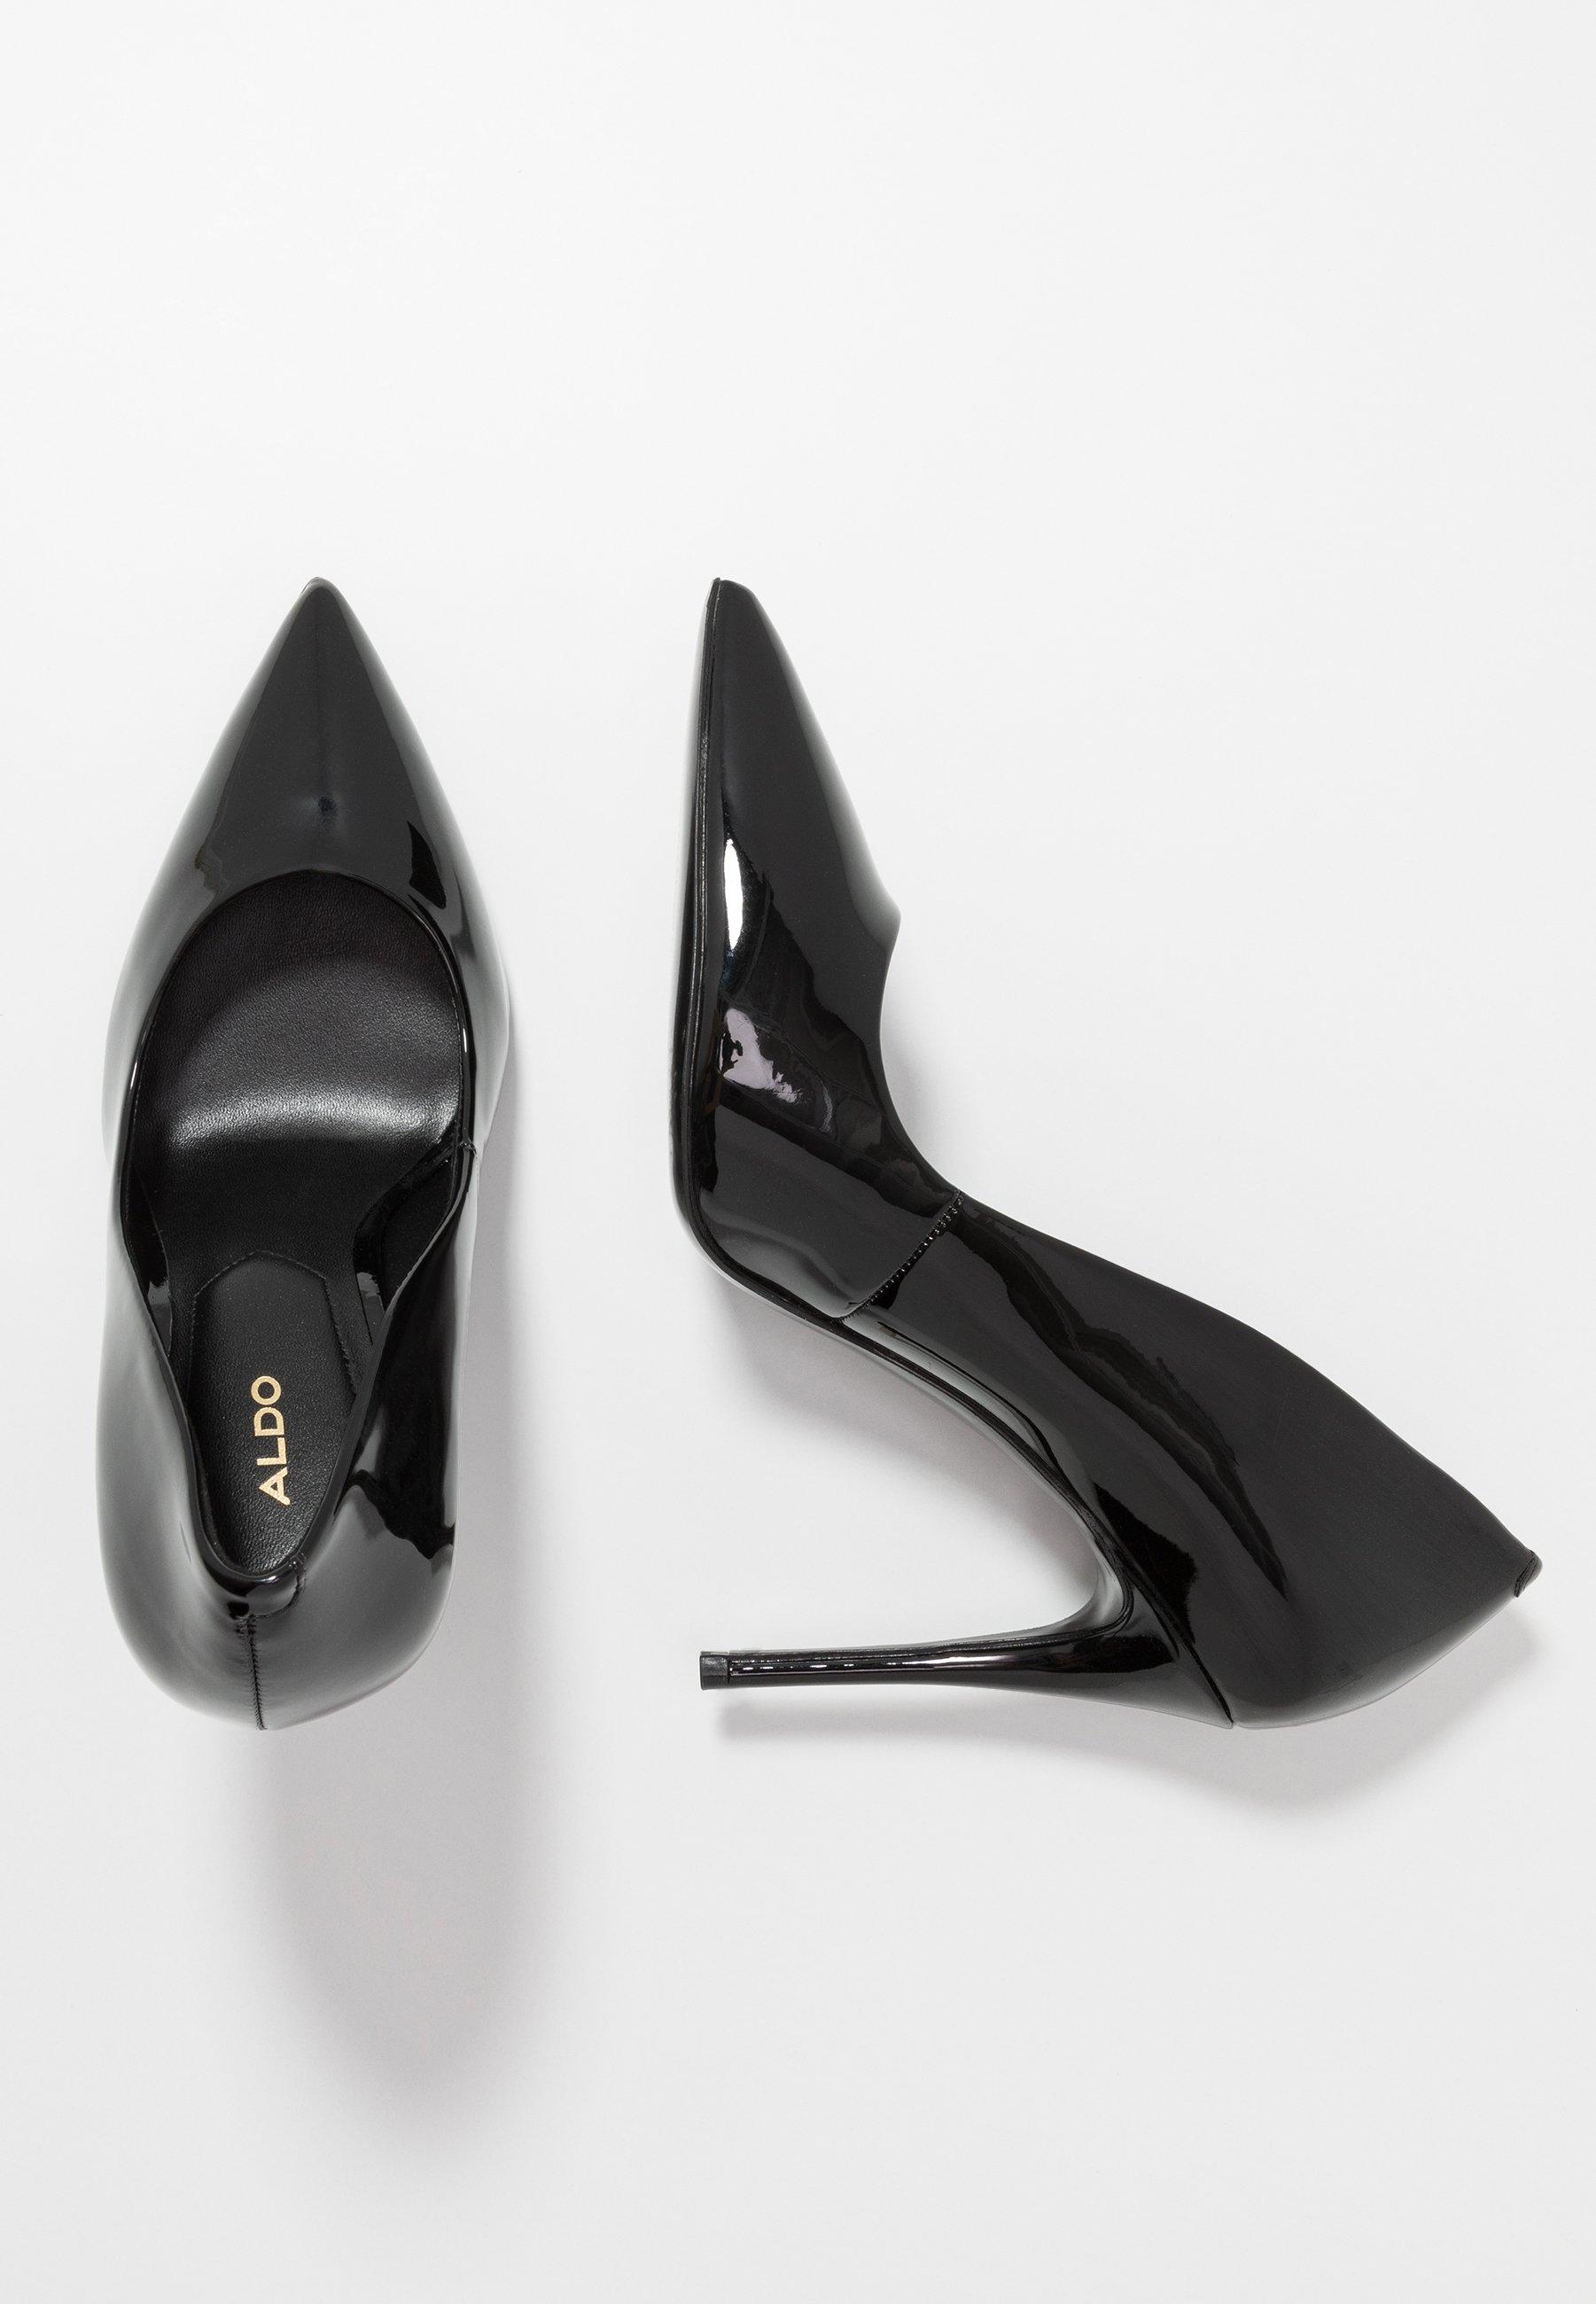 STESSY Klassiska pumps black